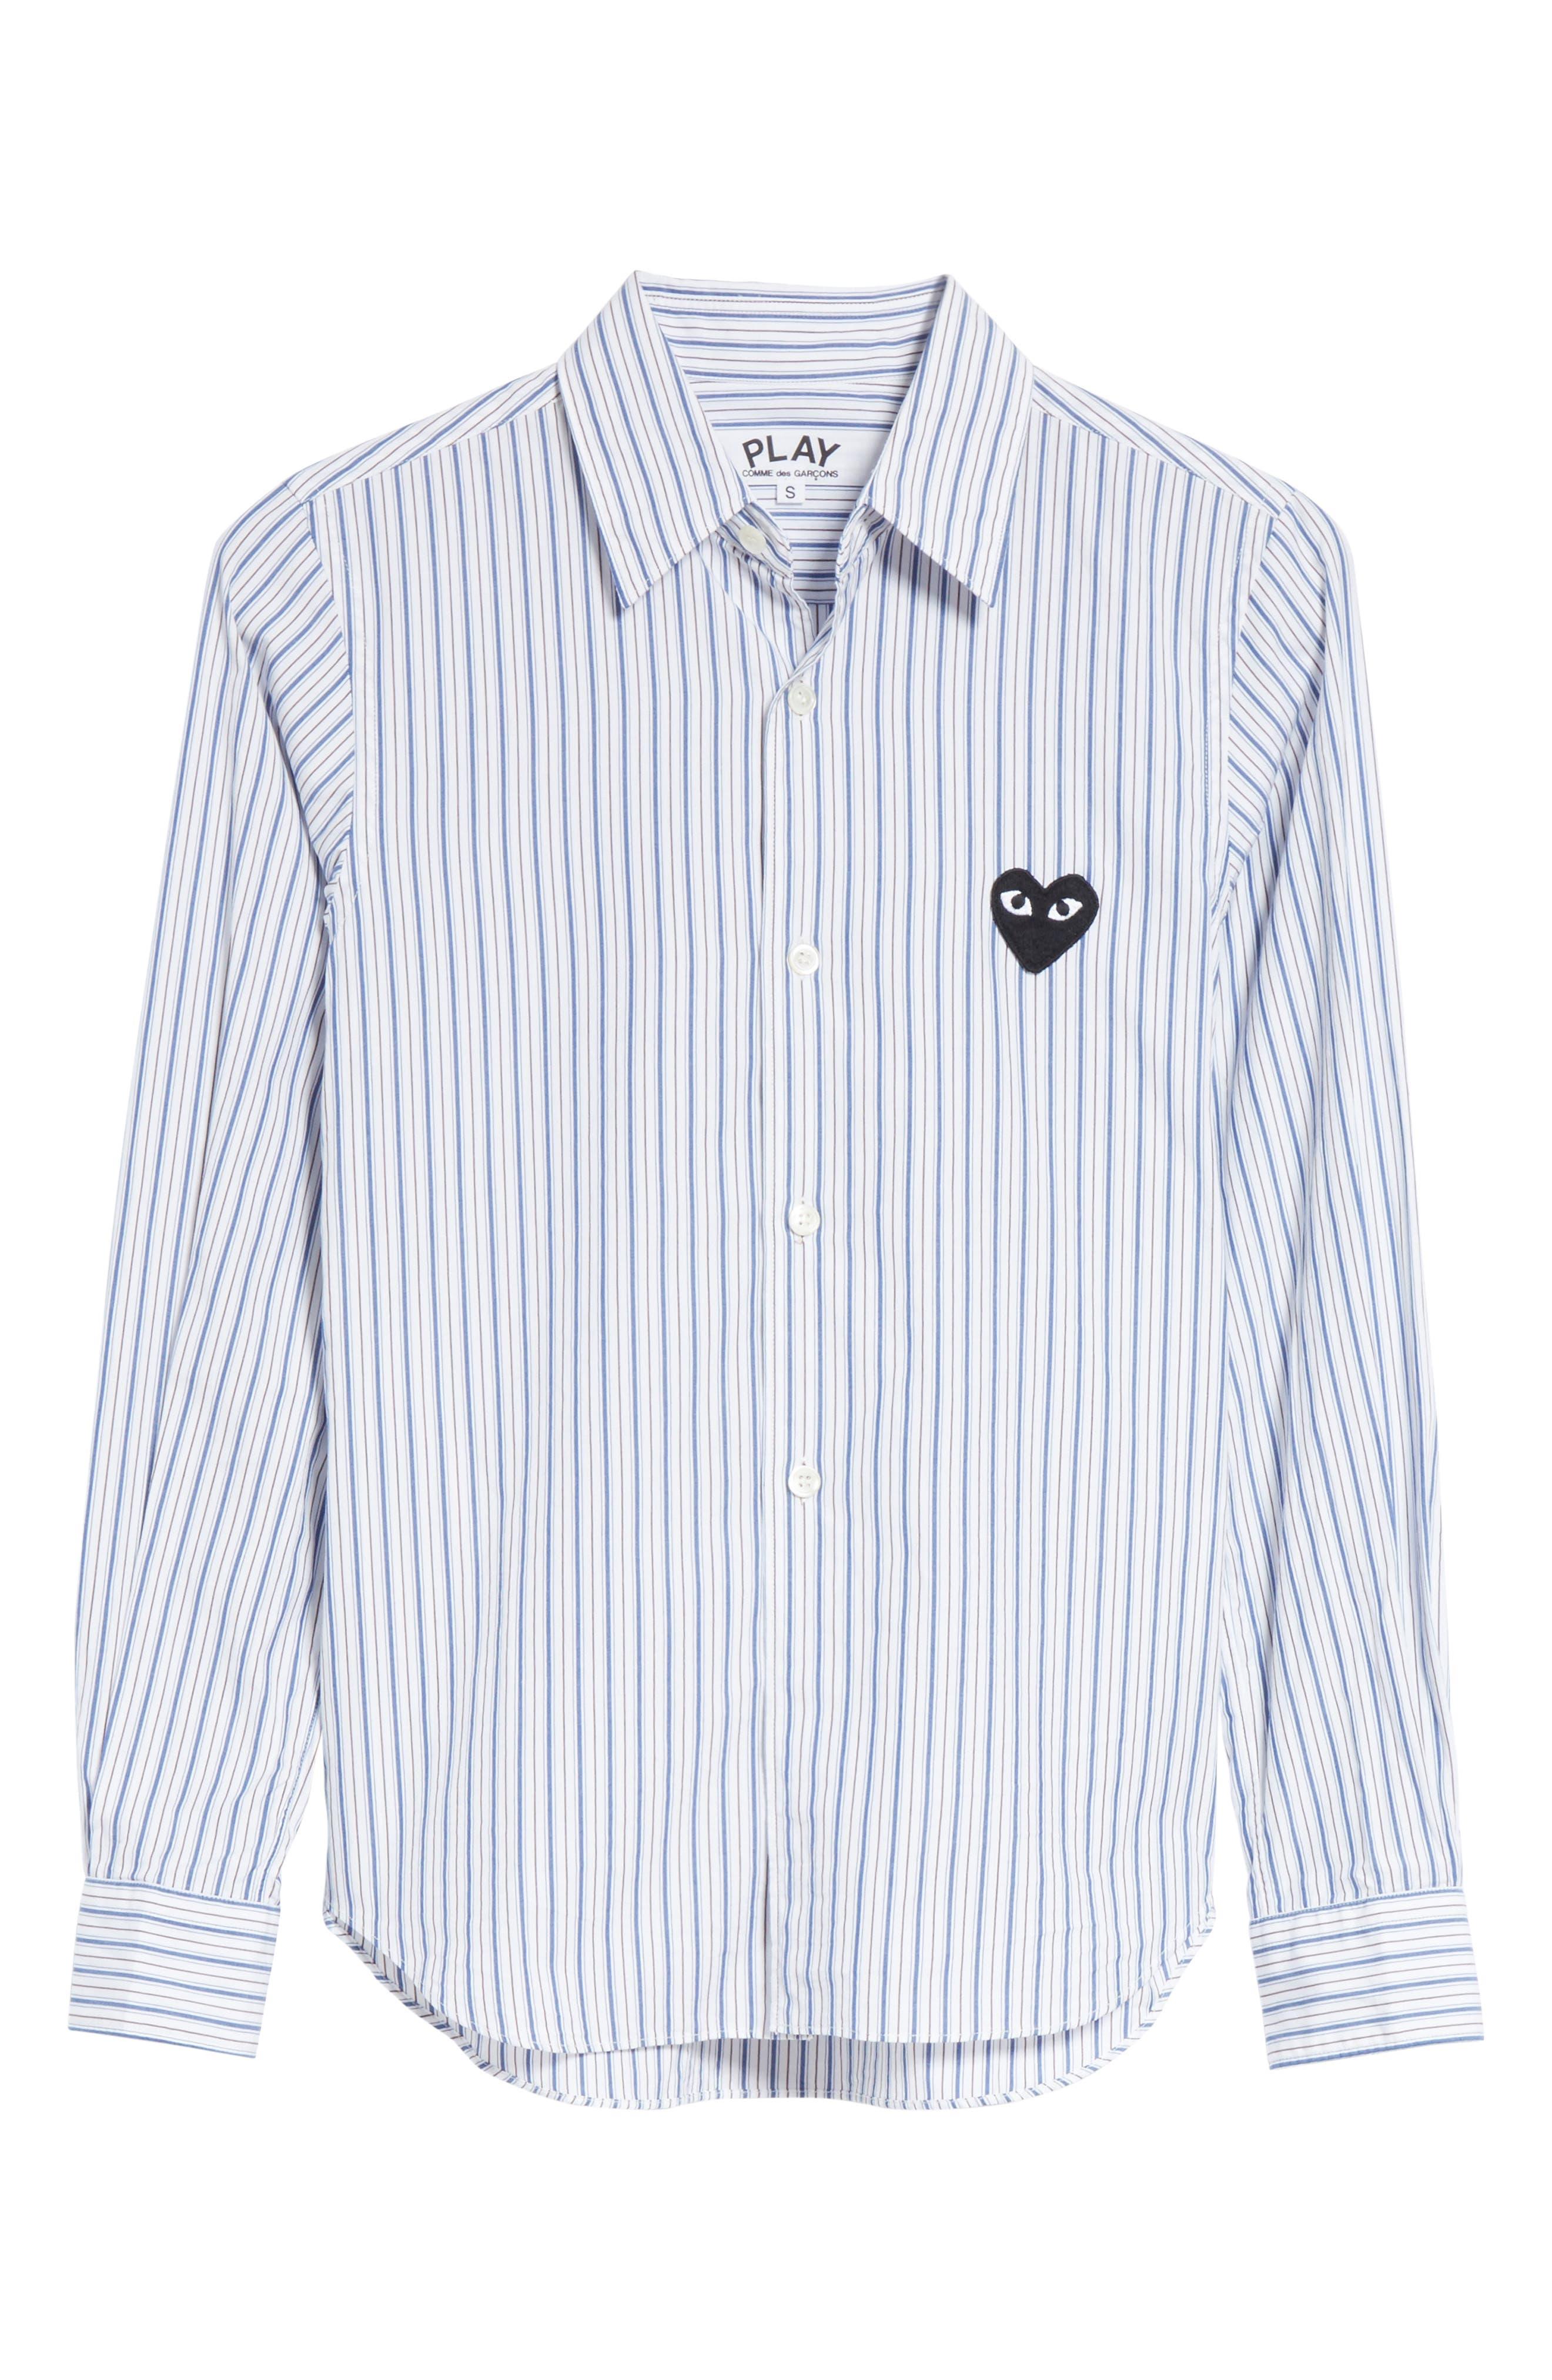 Comme des Garçons PLAY Stripe Shirt,                             Alternate thumbnail 6, color,                             Blue